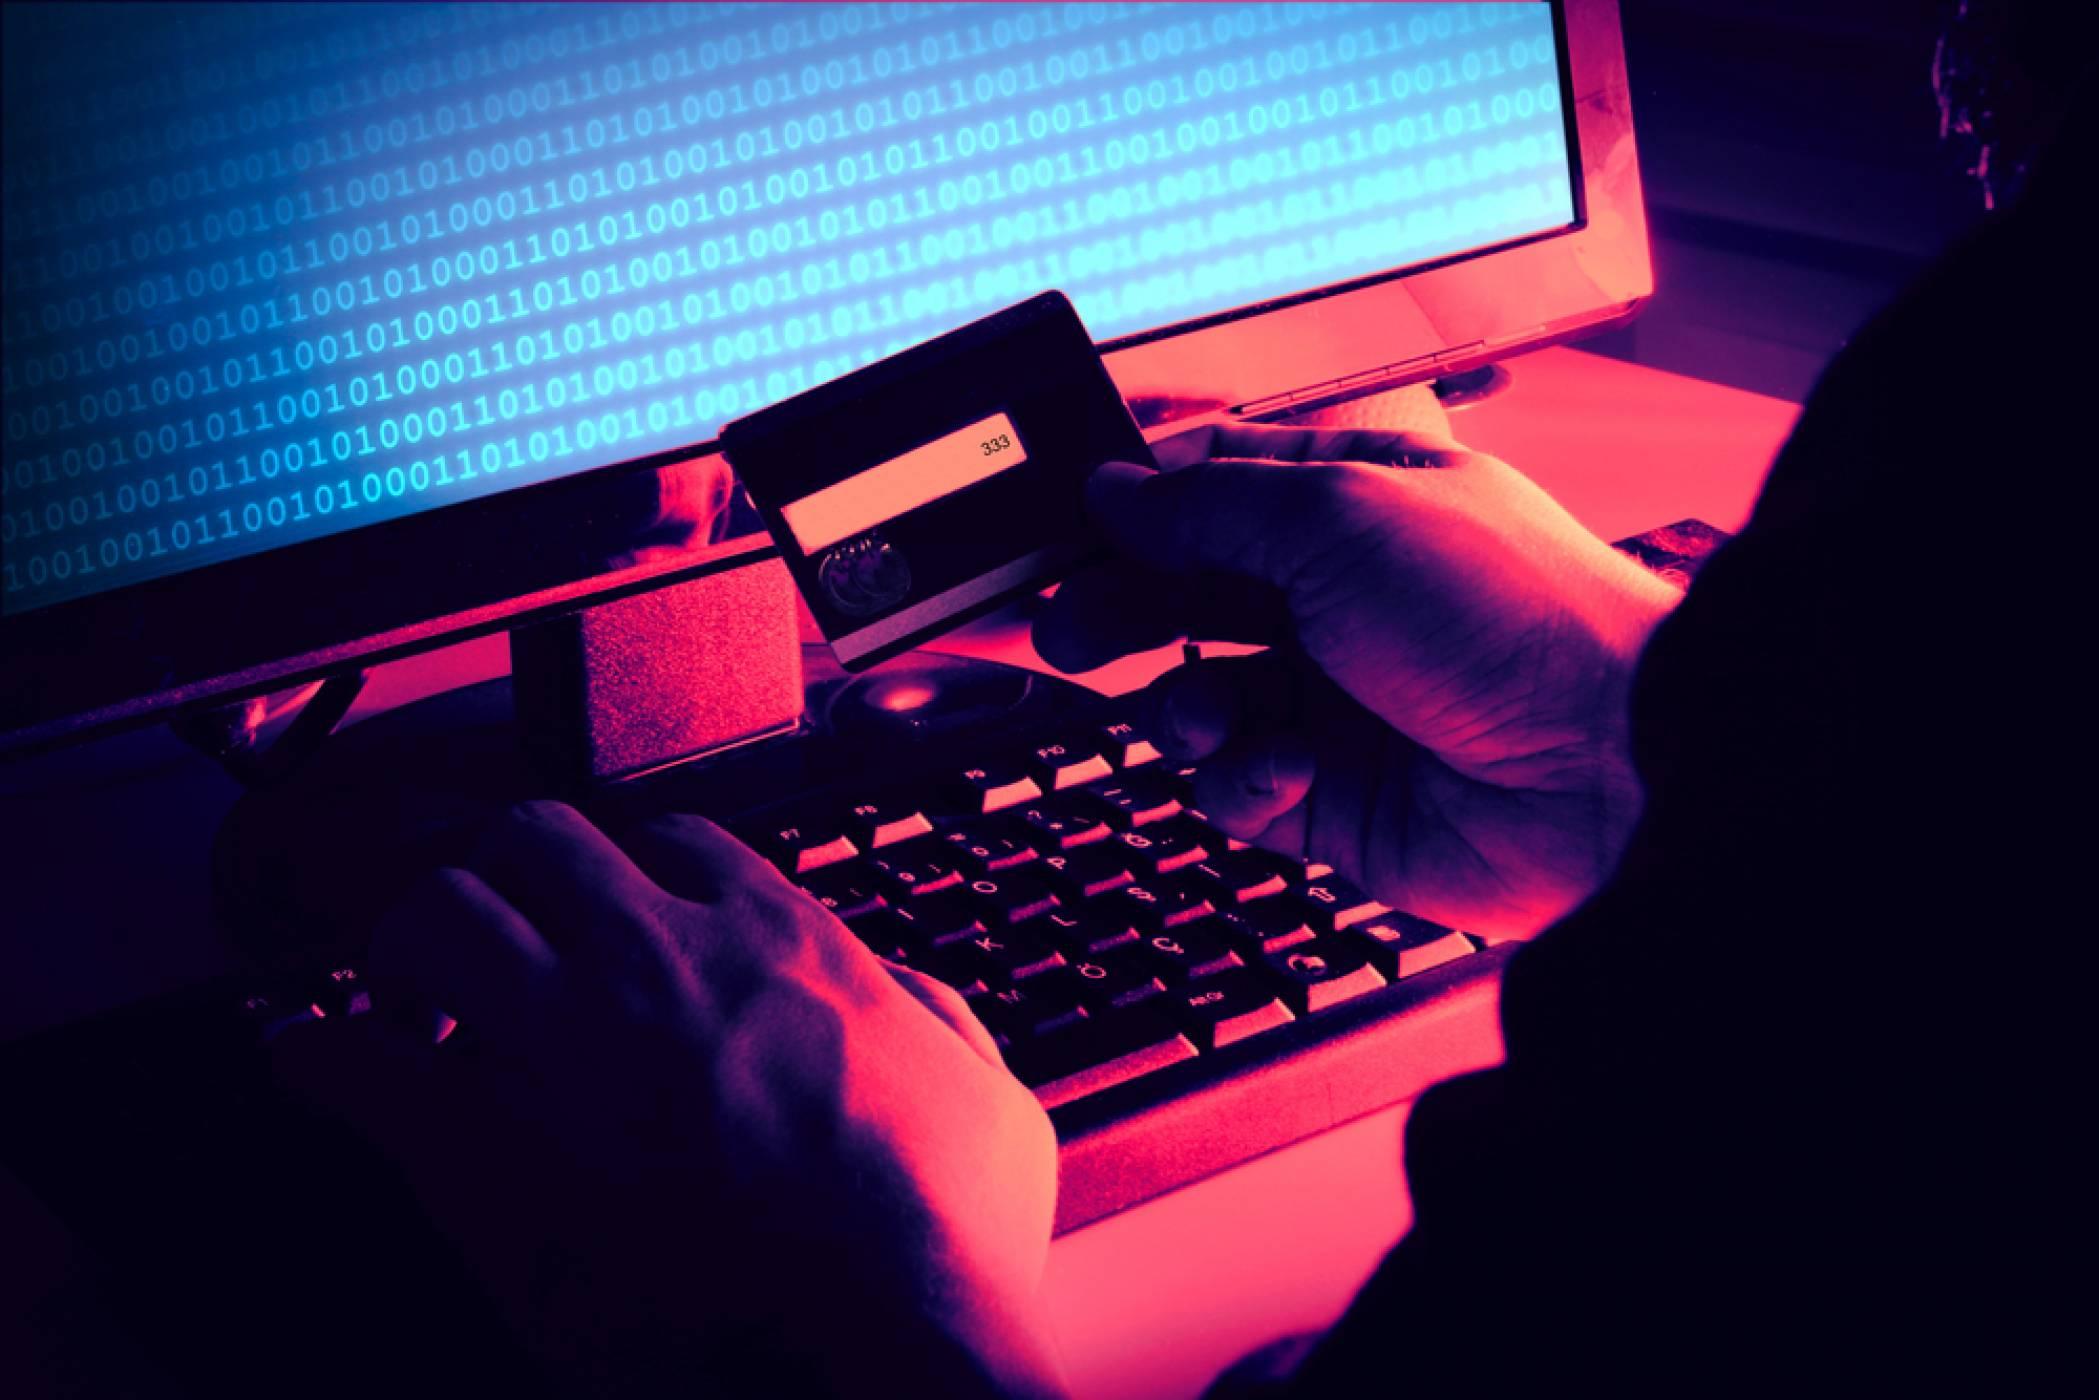 Внимавайте, хакерите измислиха нов трик за крадене на кредитни карти